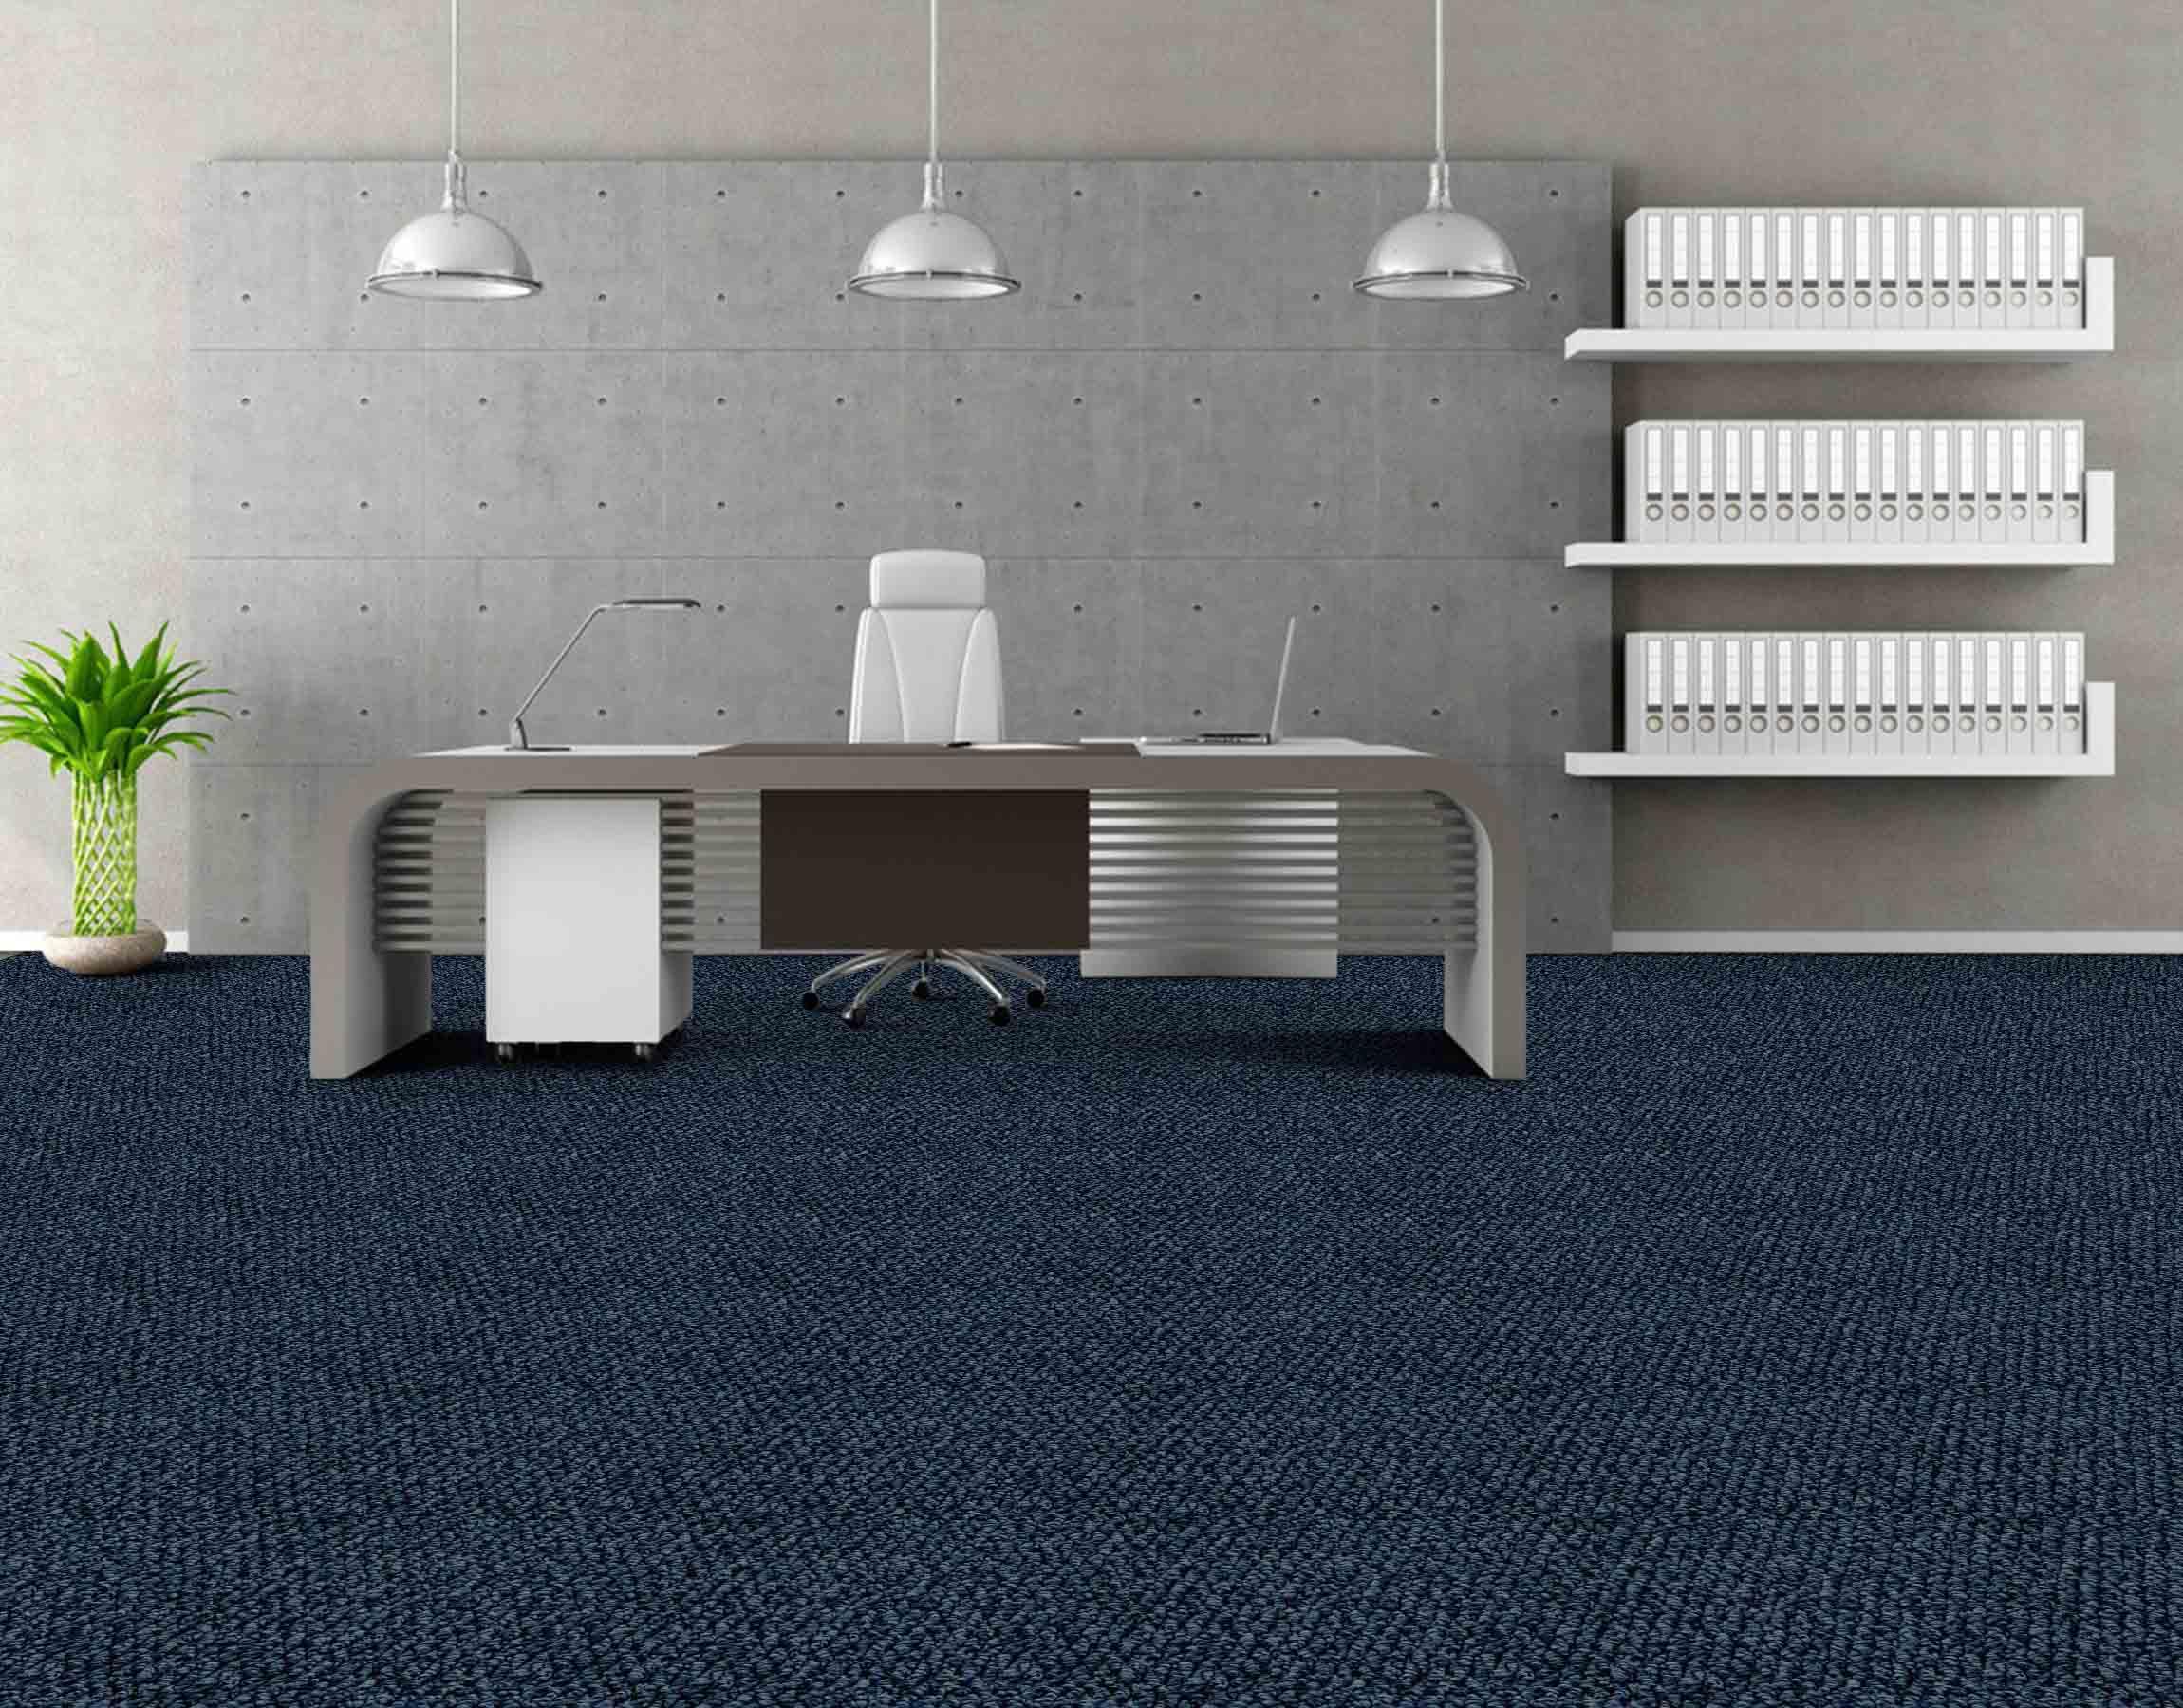 Plian Color 100 Polypropylene Carpet Living Room Bedroom